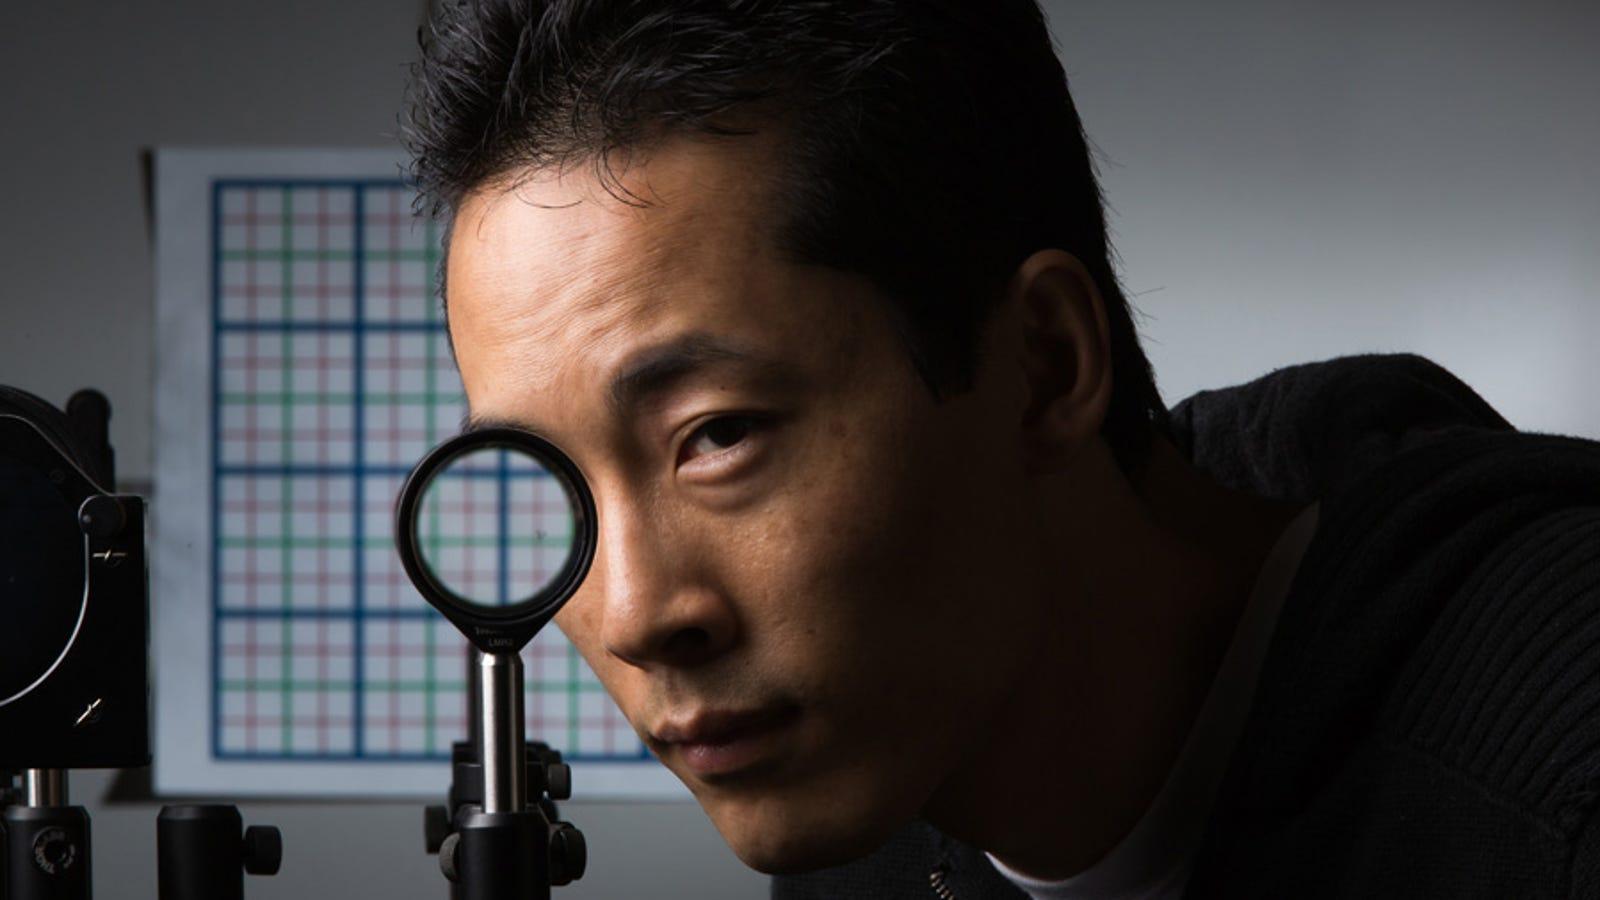 Científicos logran hacer invisibles objetos solo mediante lentes